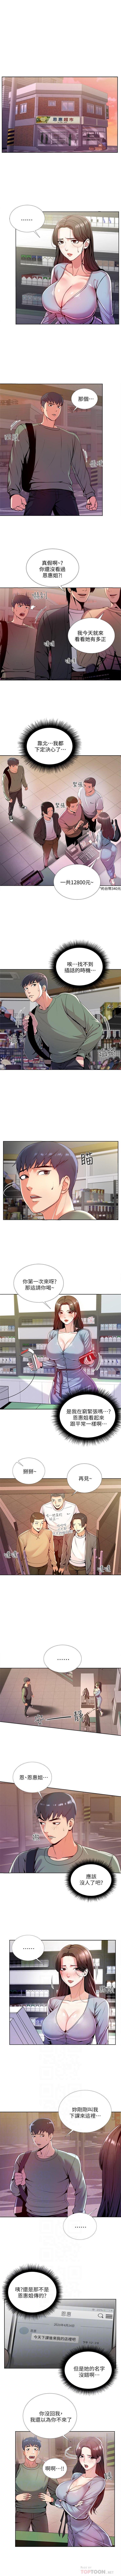 (週3)超市的漂亮姐姐 1-22 中文翻譯(更新中) 39